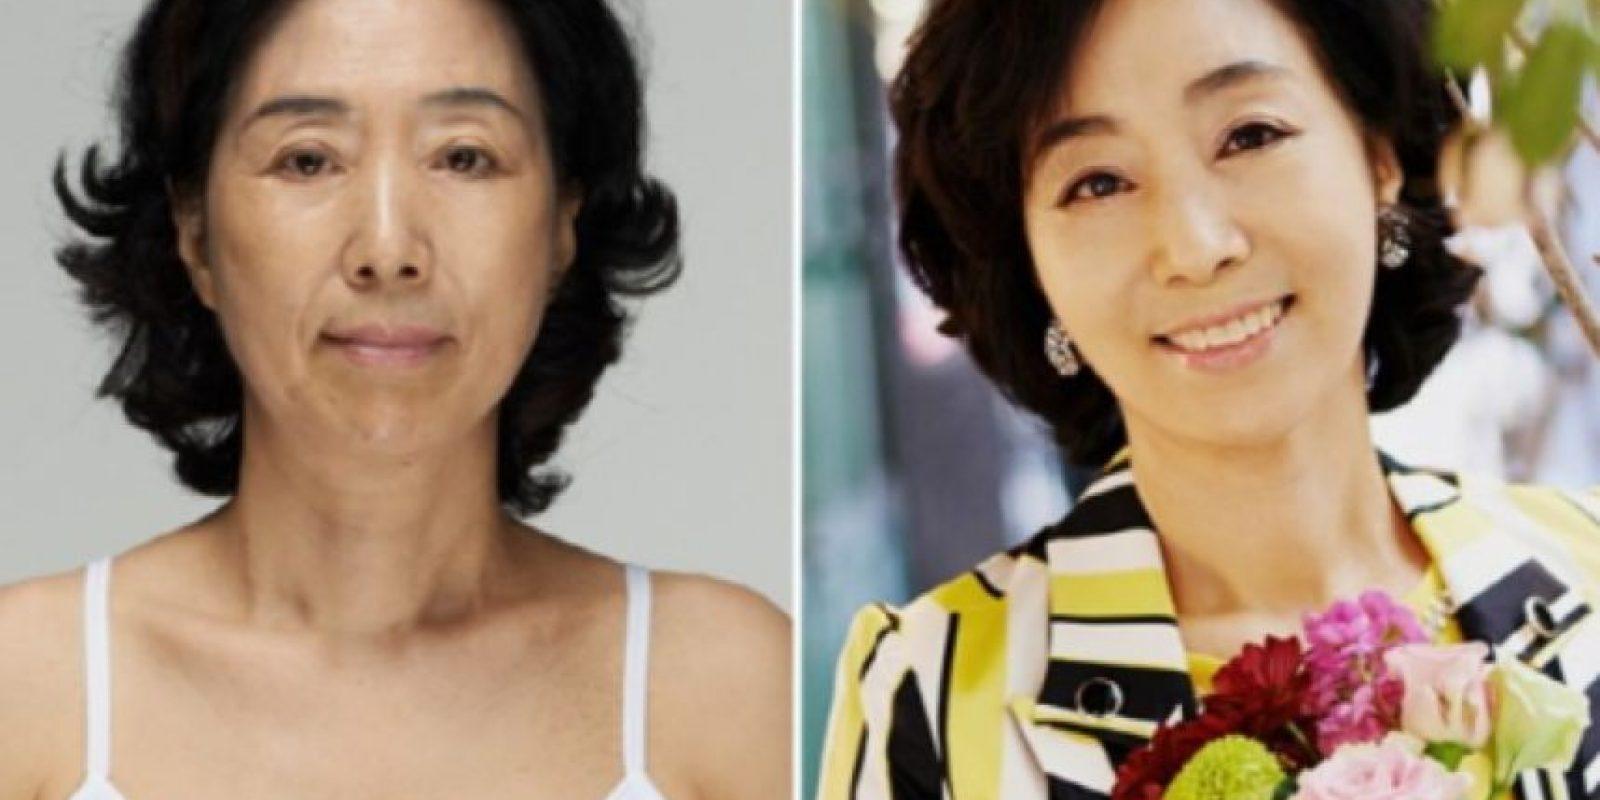 Los padres obligan a sus hijos a hacerse cirugías. Foto: vía Korean Plastic Surgery /Tumblr